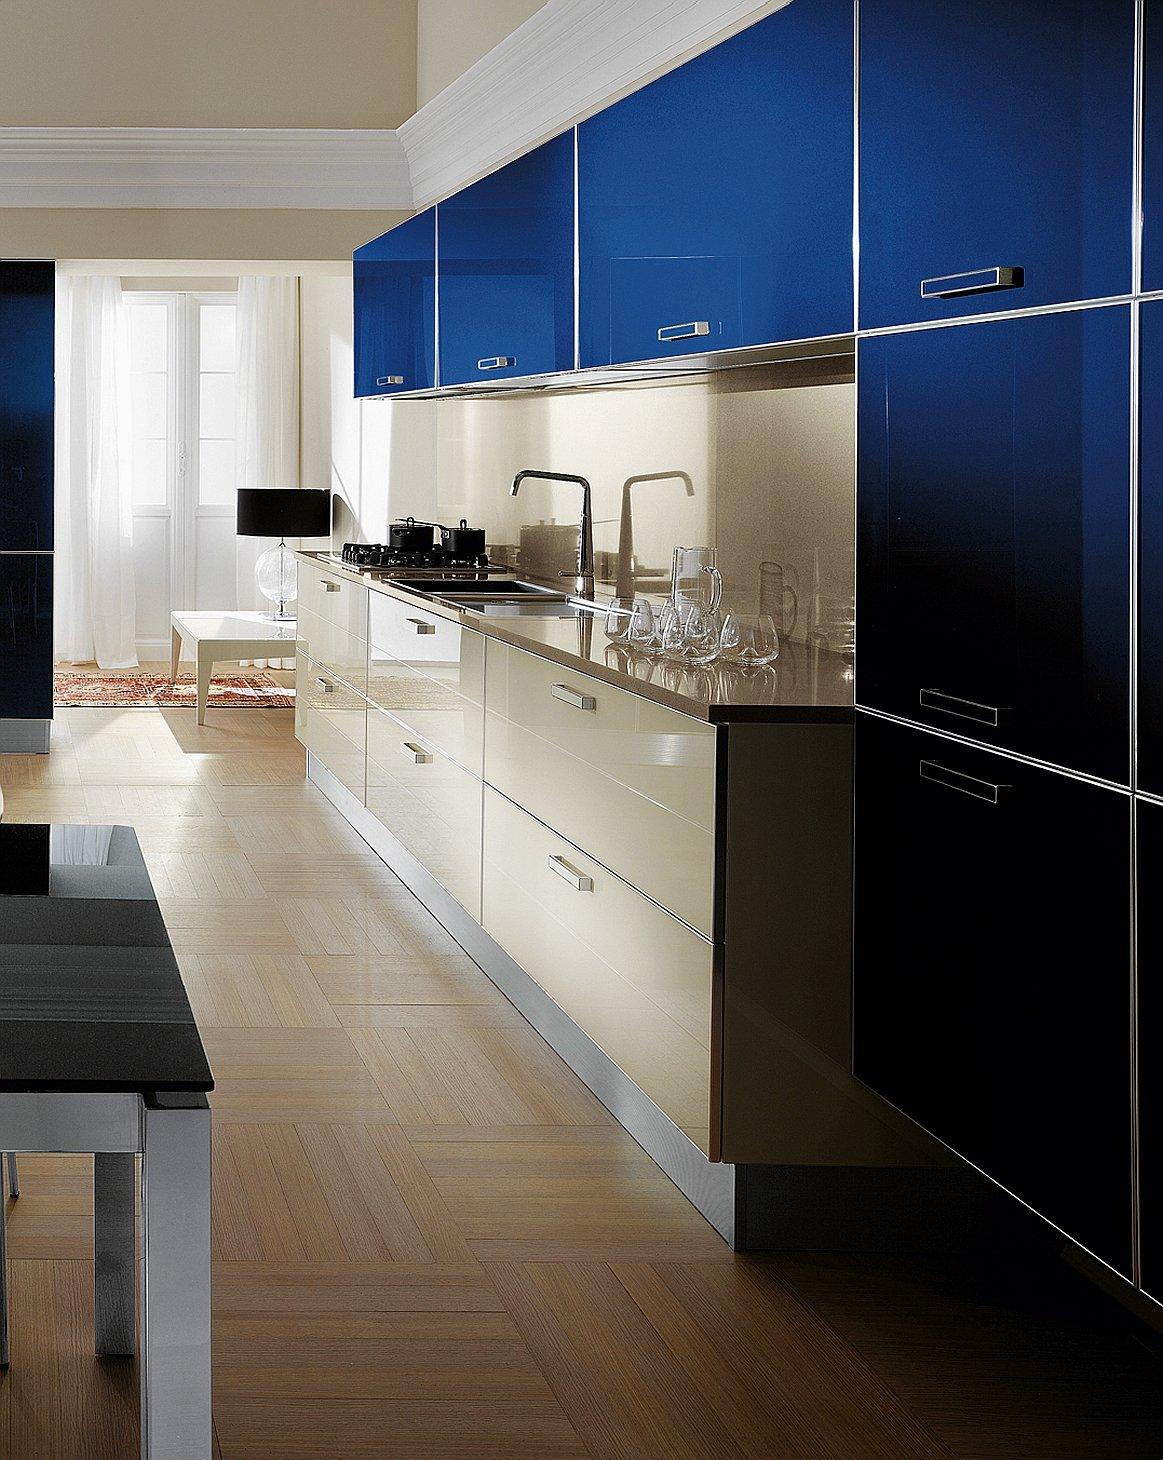 La cucina colorata un guizzo di vitalit cose di casa - Mobili a colori ...